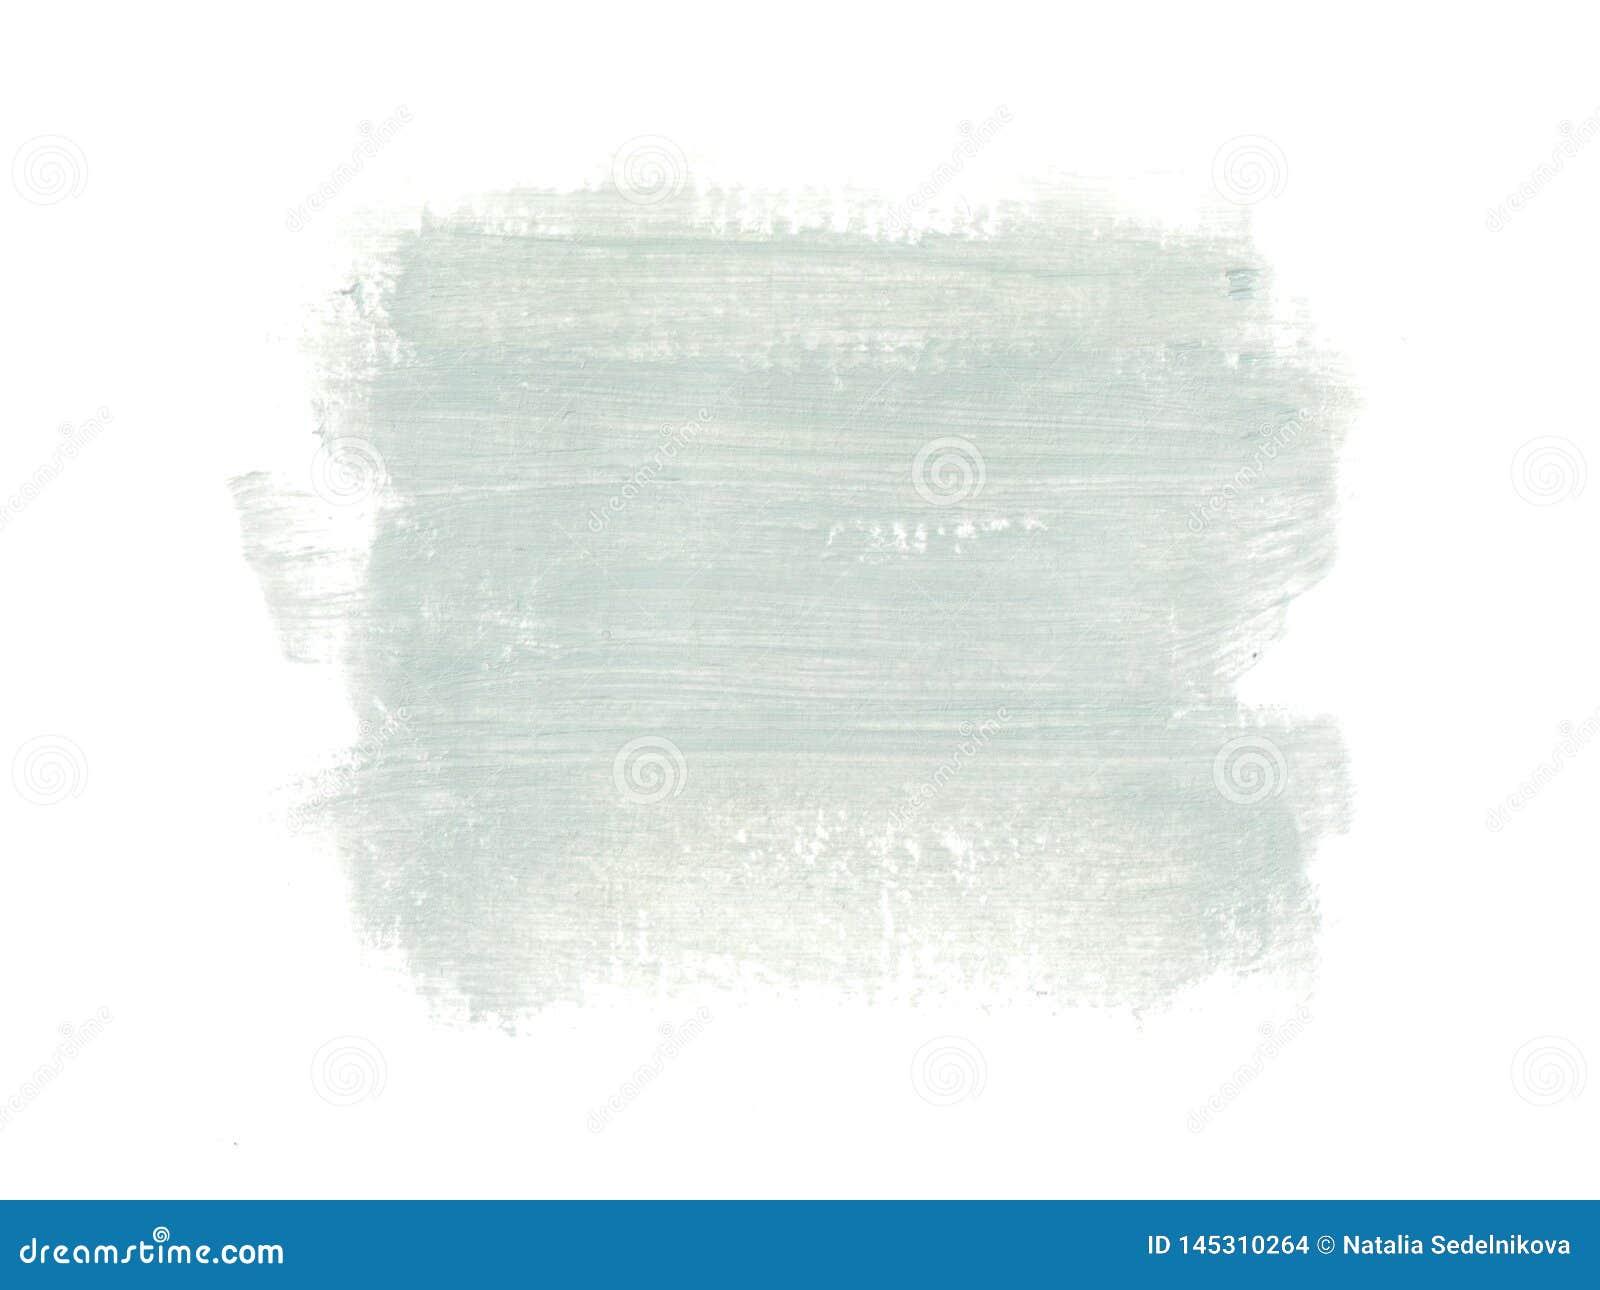 Abstrakter Hintergrund mit Acrylfarben